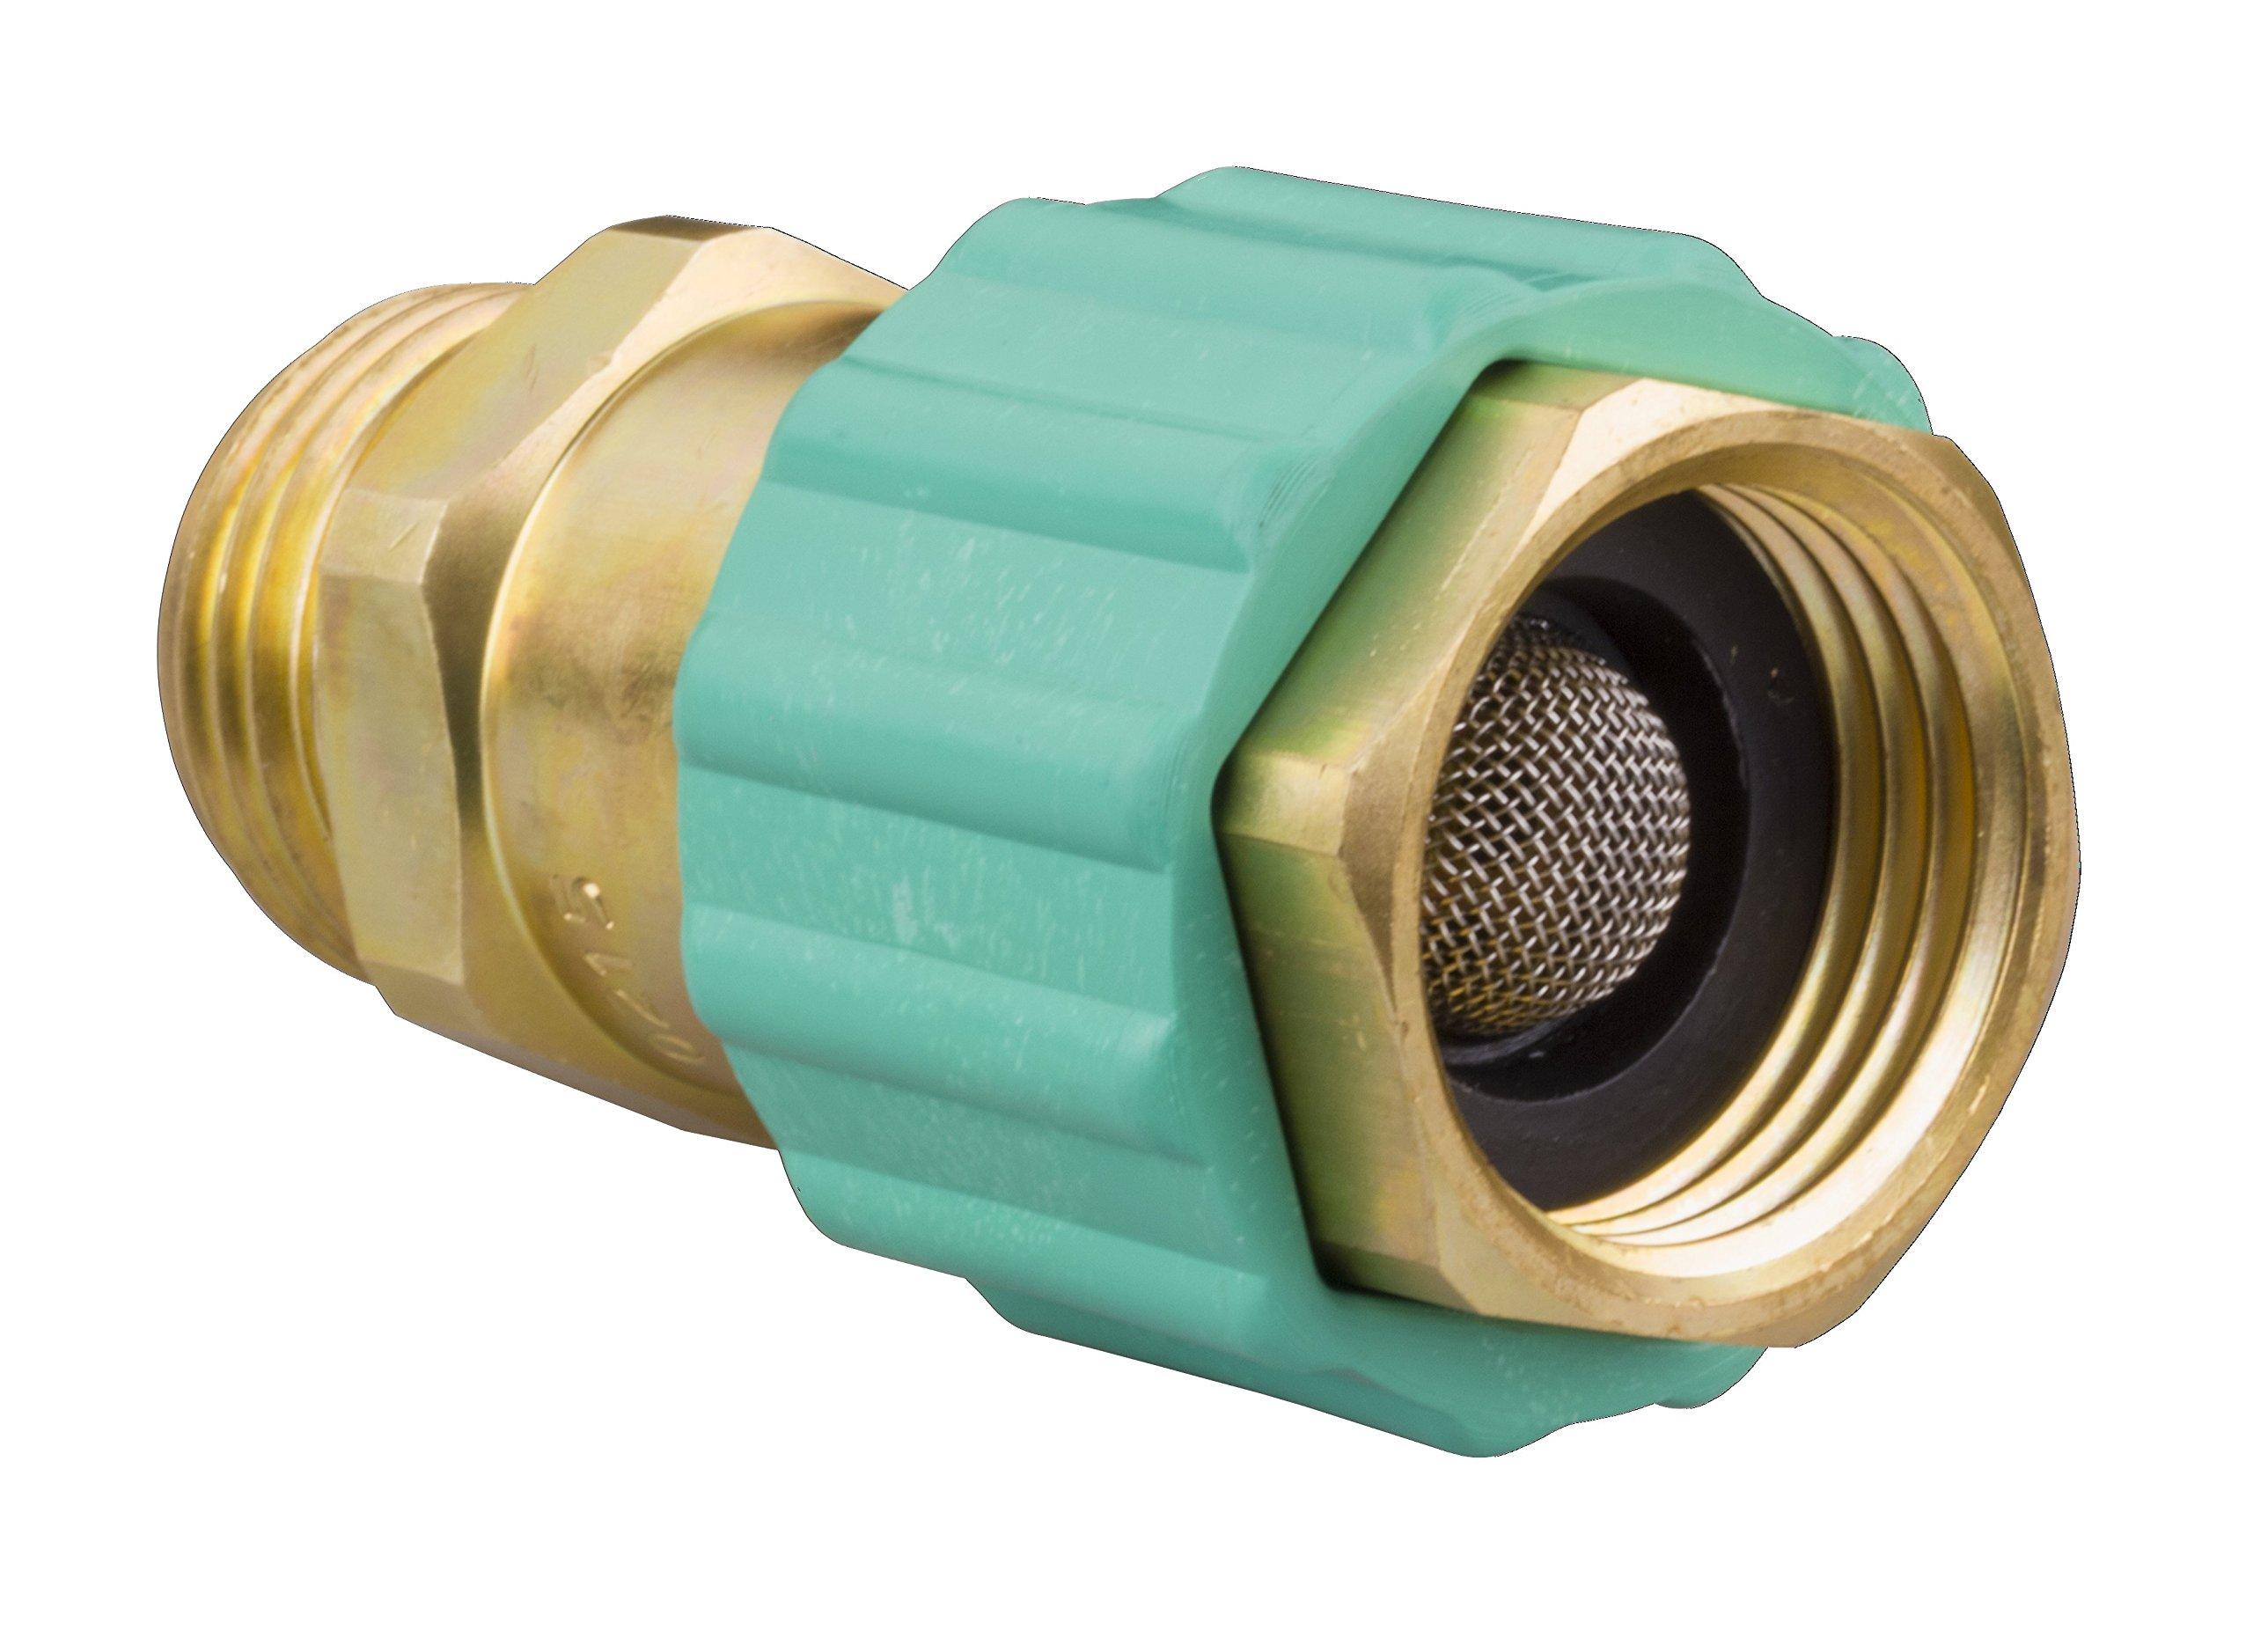 JR Products 04-62425 Deluxe High Flow Water Regulator